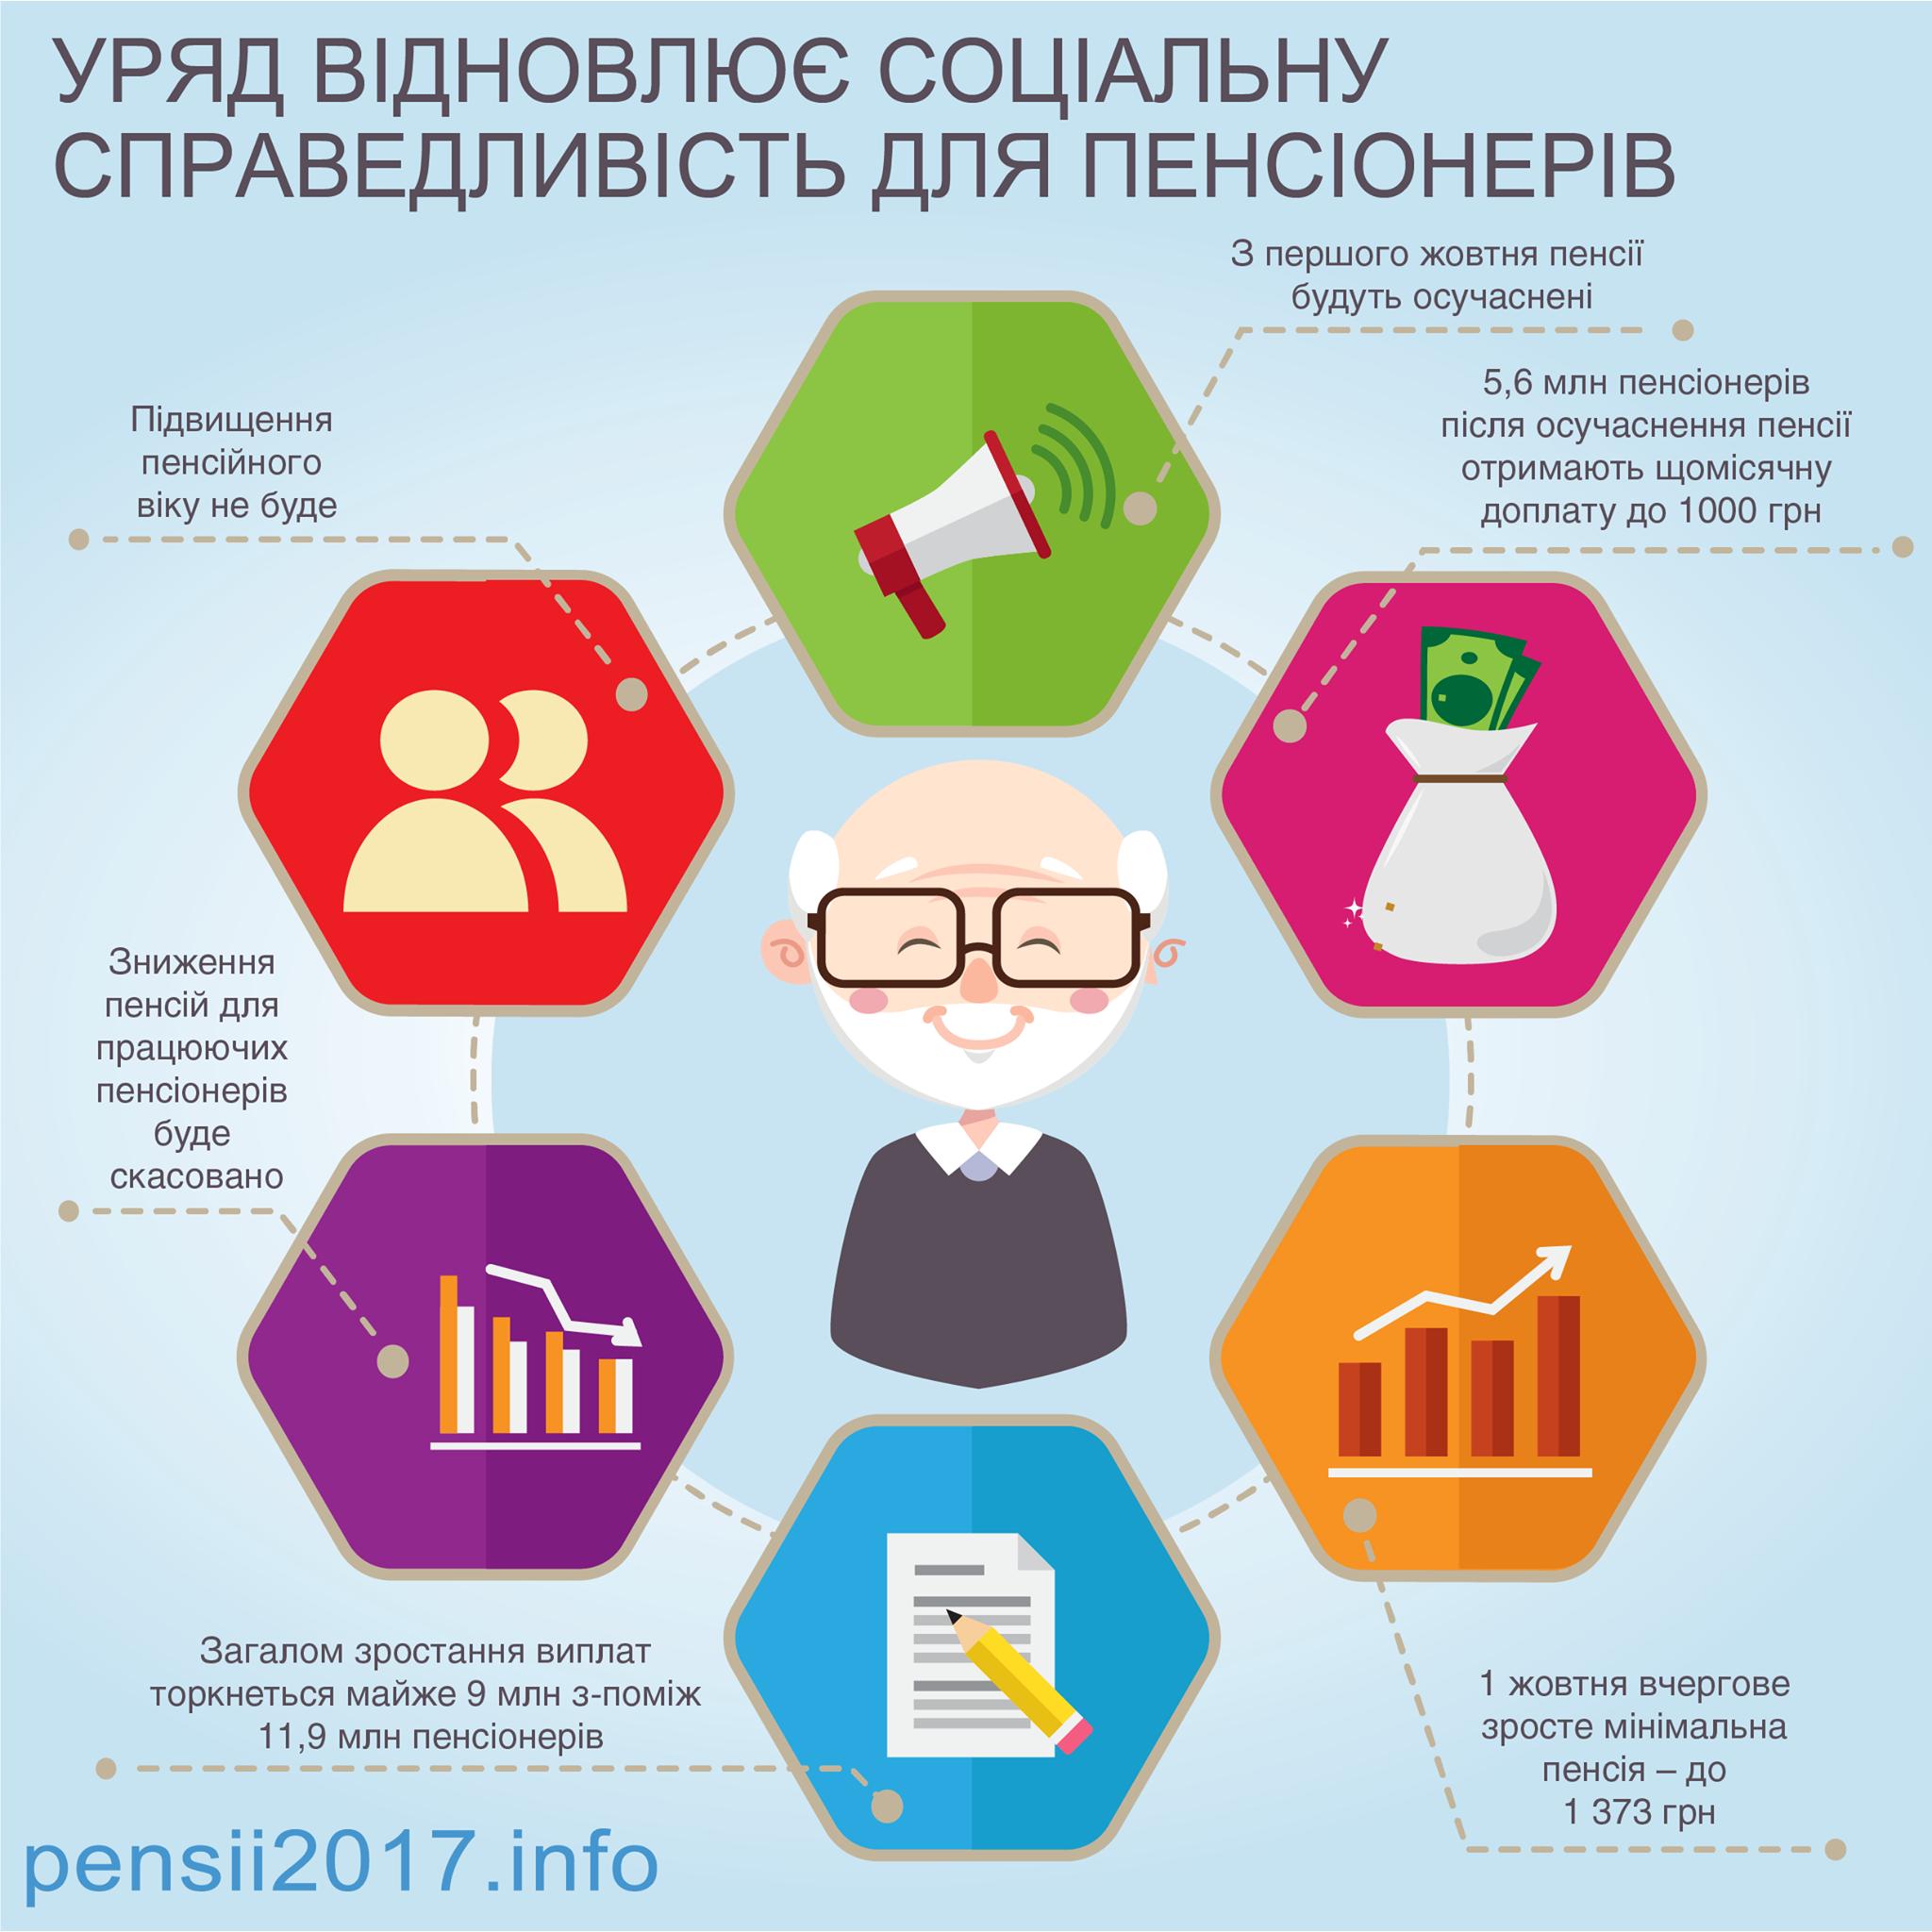 Пенсия для работающего пенсионера шахтера